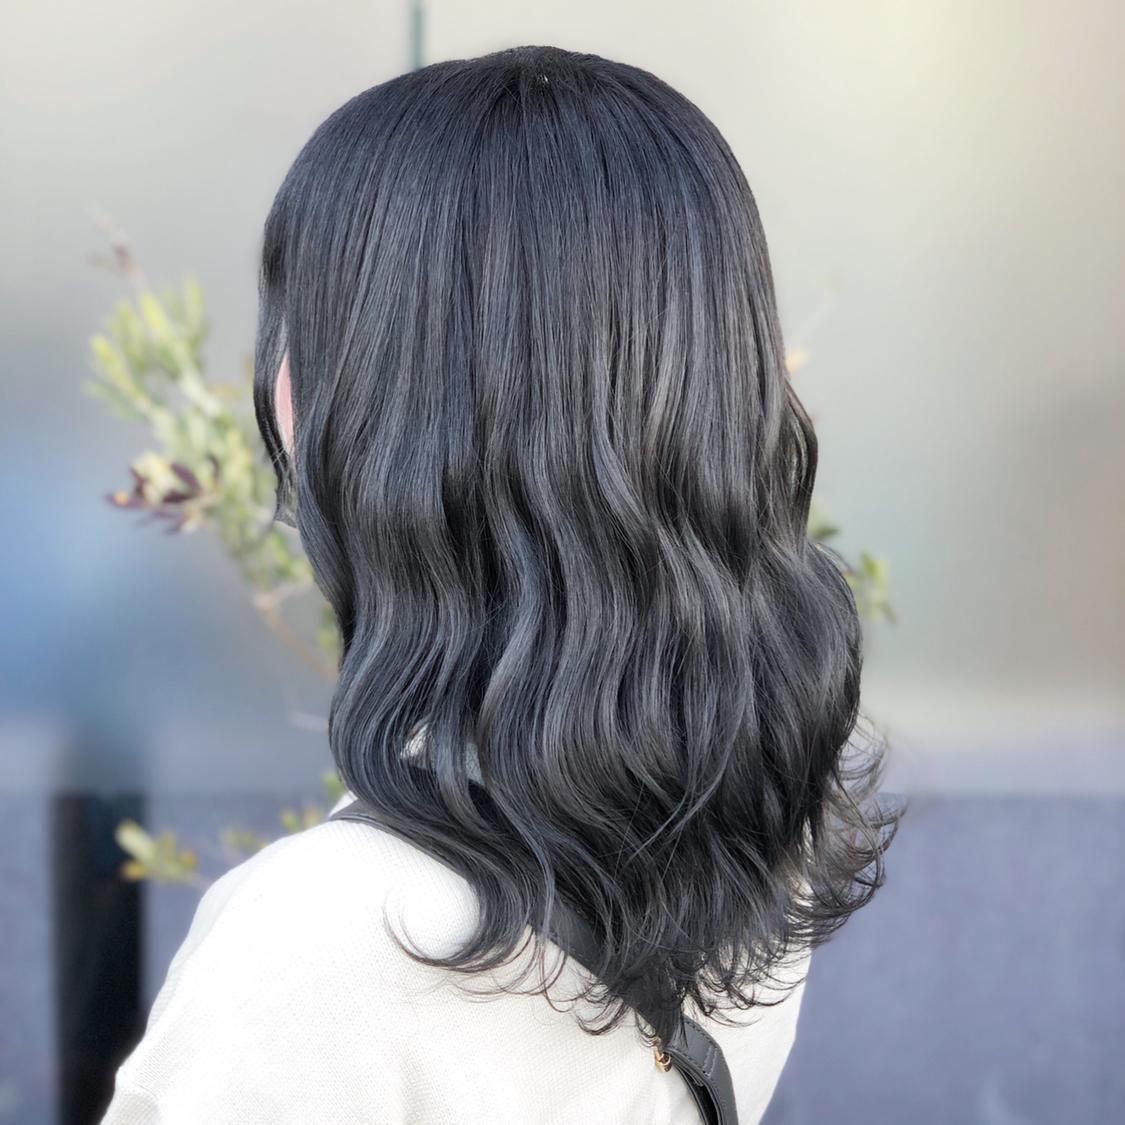 ✨【ダークブルージュcolor】✨ 明るいアッシュcolorだと理想な色が実現できるけど色落ちが早いのが気になる方必見☆ 暗めcolorで透明感出したい方はcolor履歴を活かして 綺麗なダークアッシュに‼️ 仕上げ⇒26㍉で波ウェーブ&MIX巻き♪ ⭐️⭐️⭐️⭐️ ✨✨✨ #haircolor#ハイライト#ローライト#アッシュカラー#プリスタ#撮影#ヘアスタイル#ヘアカタログ#ヘアアレンジ#アレンジ#波ウェーブ#外国人風ヘアカラー #ヘアセット#ヘアメイク#ファッション#ゆる巻き#巻き髪#外国人風 #撮影モデル募集 #モテ髪#岡山美容室#岡山美容師#美容室MICHI#古作蓮#外国人風ヘアカラー#サロンモデル #サロンスタイル #ハイライト #パリピ #hairset